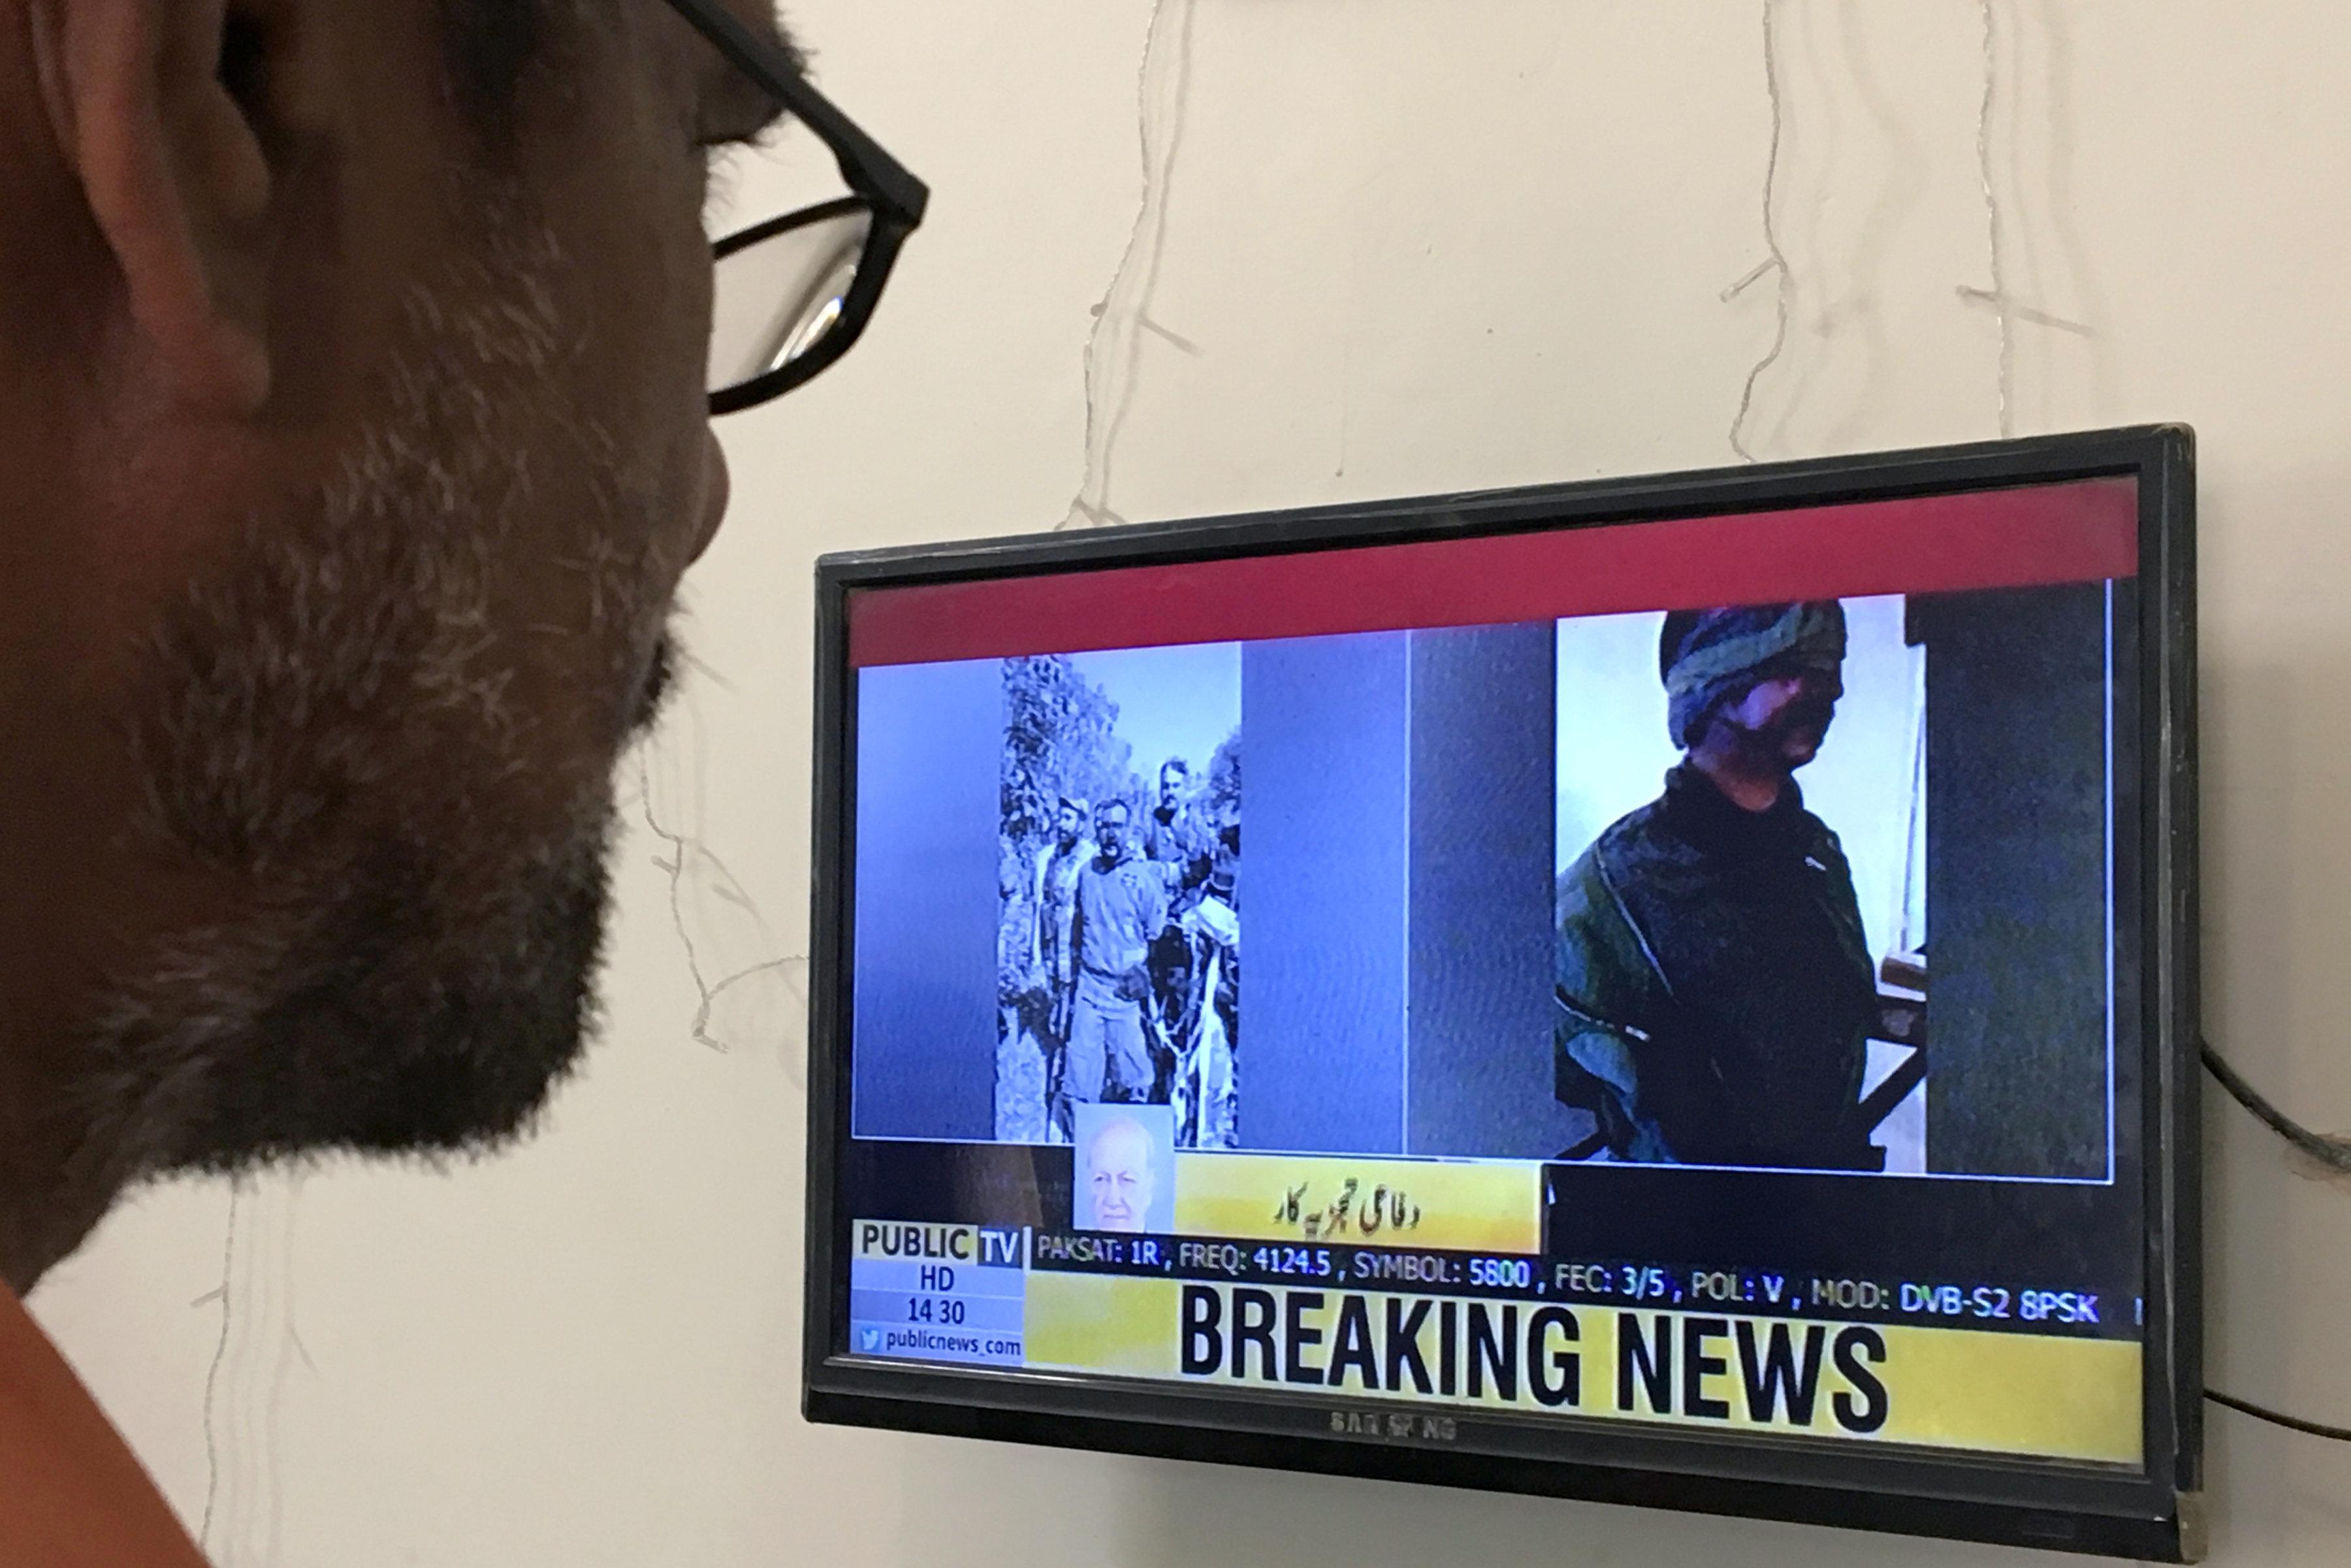 Σήμερα θα επιστρέψει στην Ινδία ο πιλότος που κρατείται από τις πακιστανικές